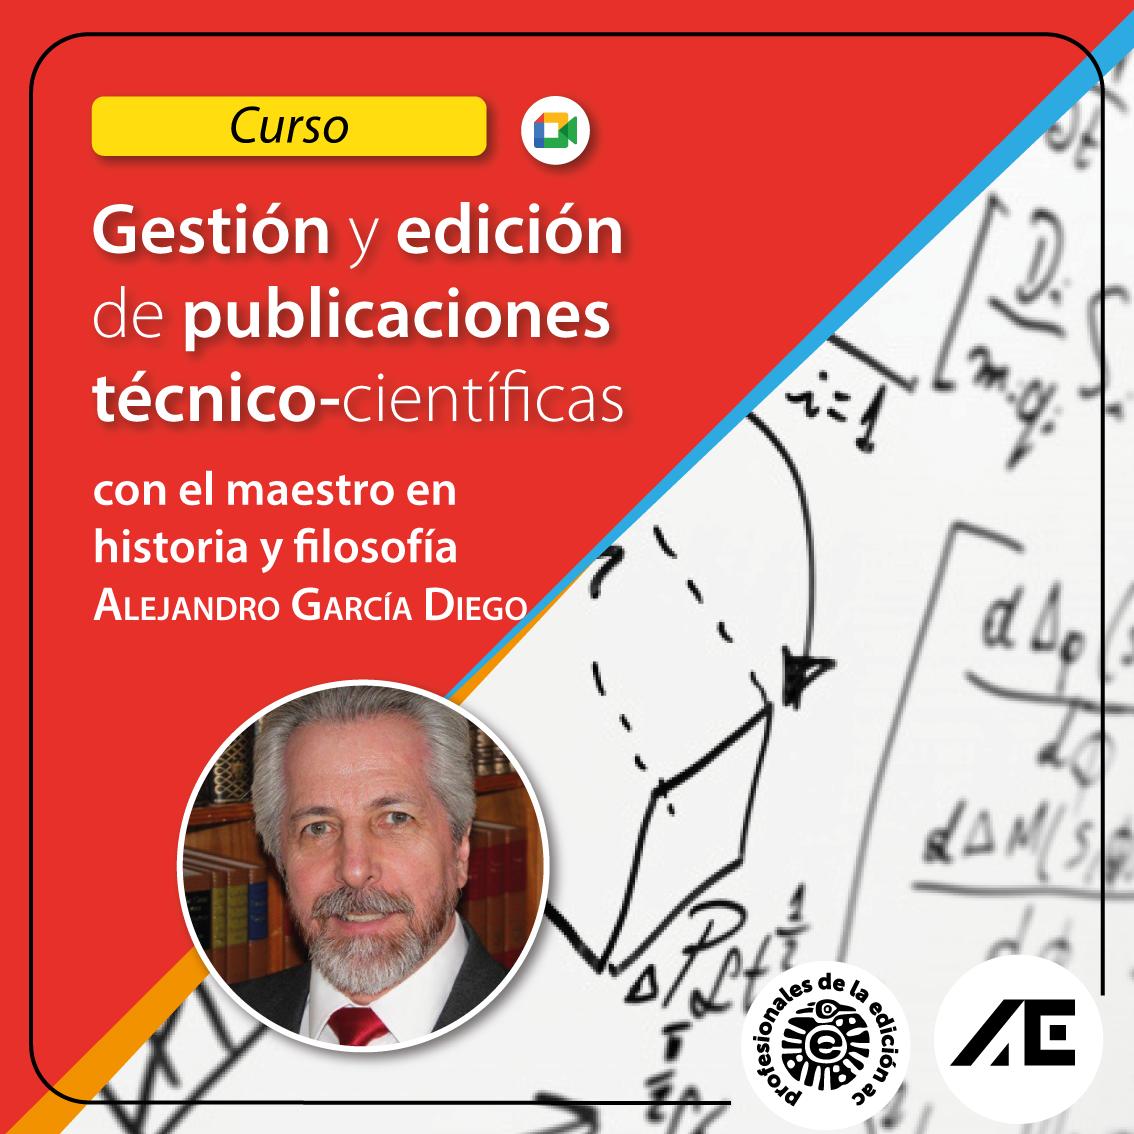 Publicaciones técnico-científicas